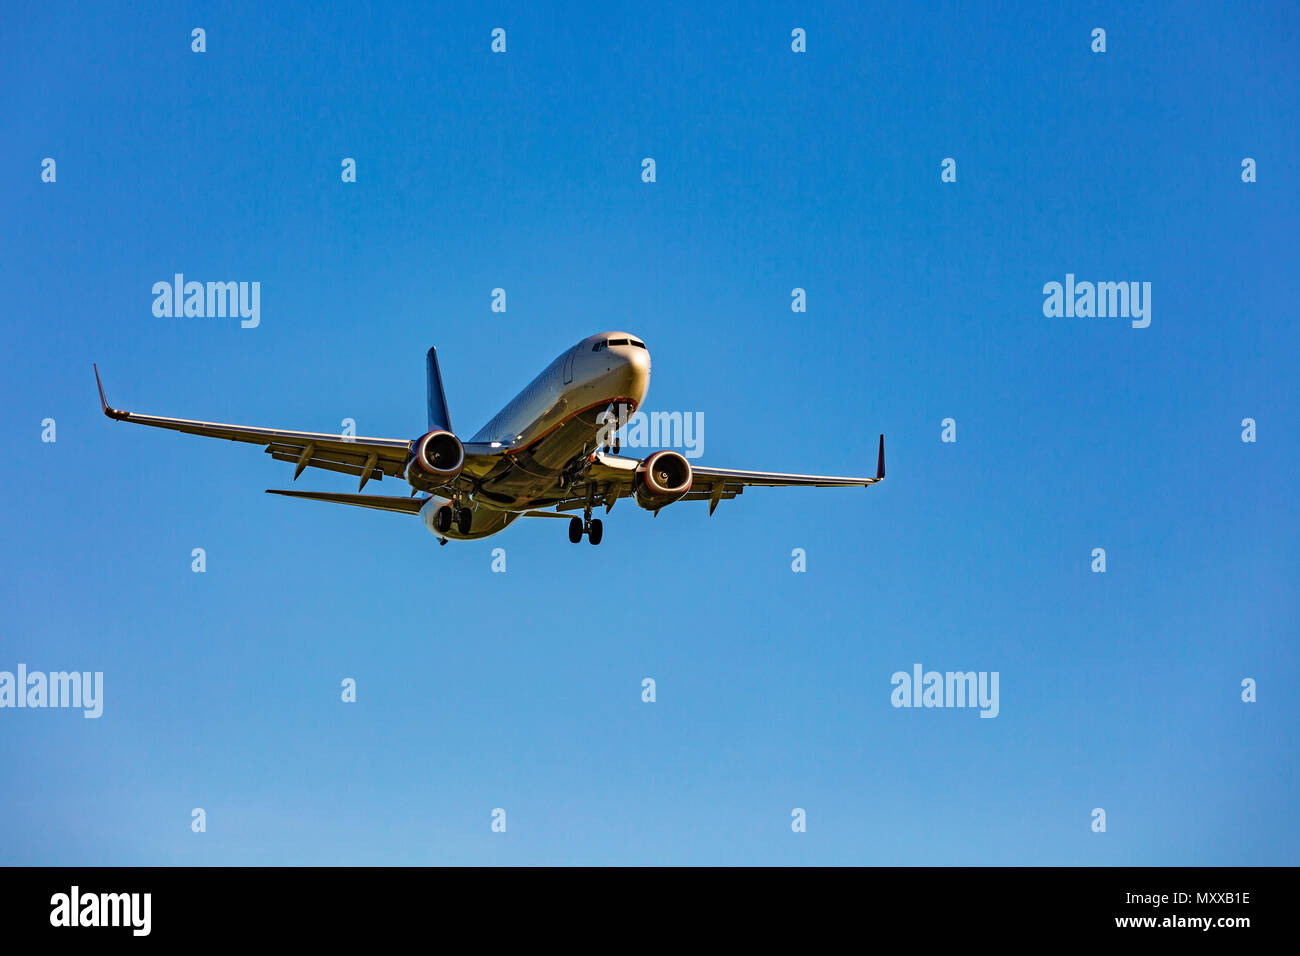 Gran avión de pasajeros volando en el cielo azul Foto de stock